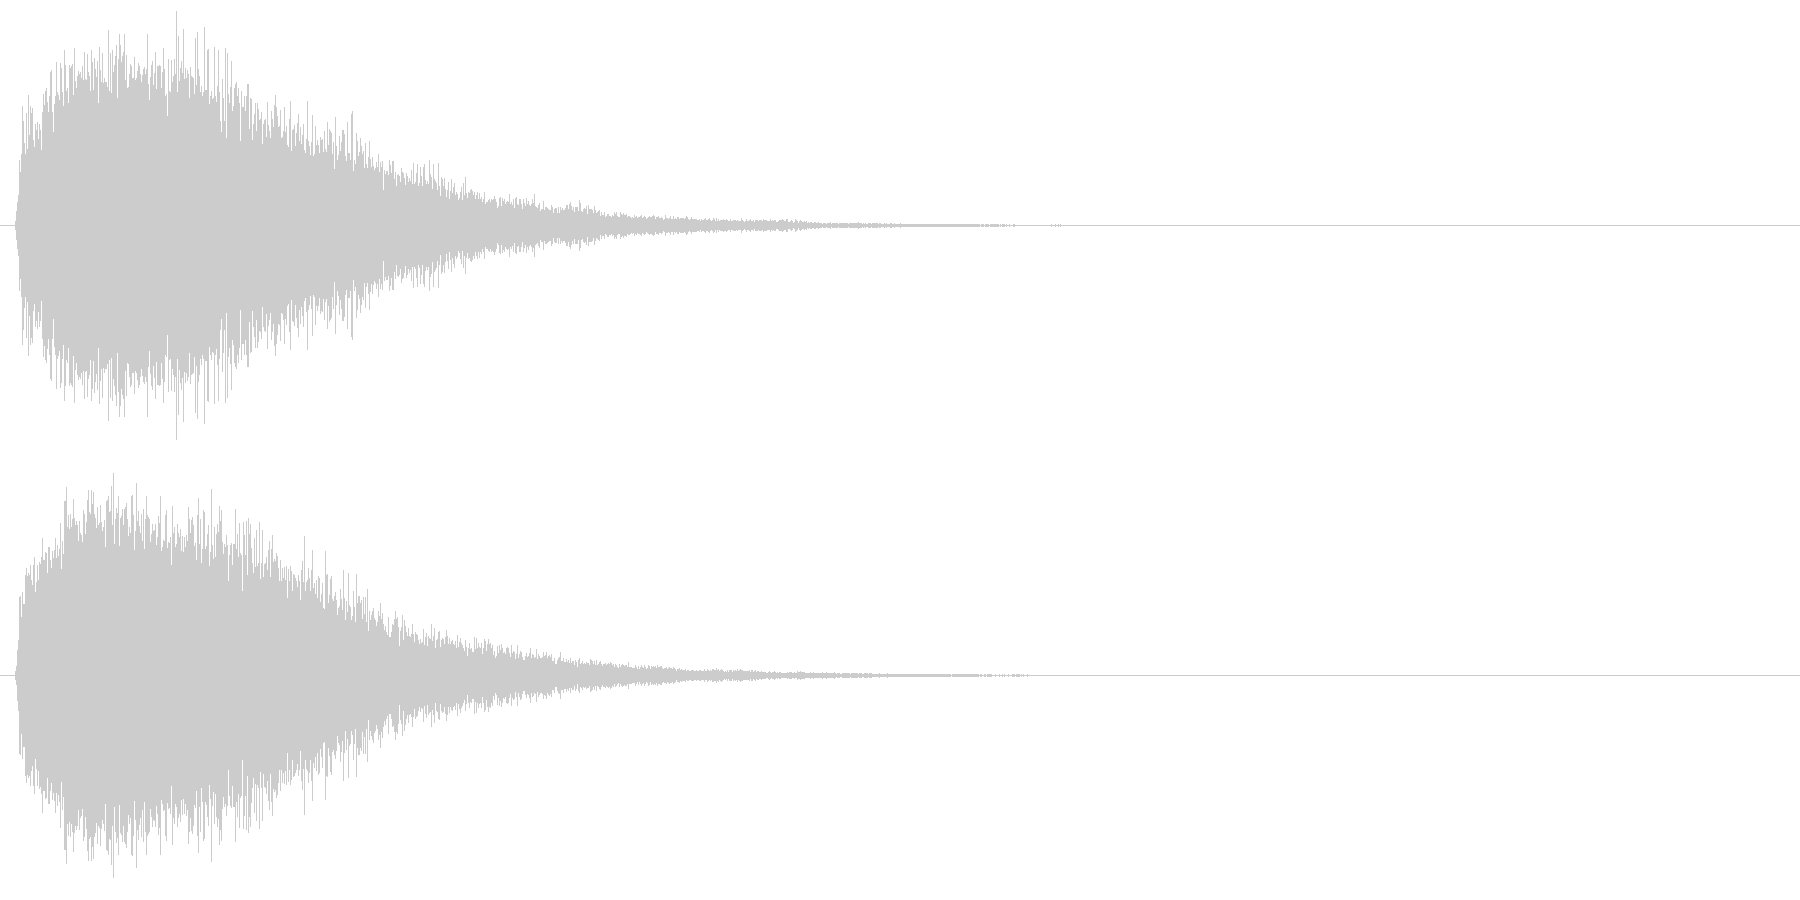 魔法・ポジティブ系キラキラ2の未再生の波形